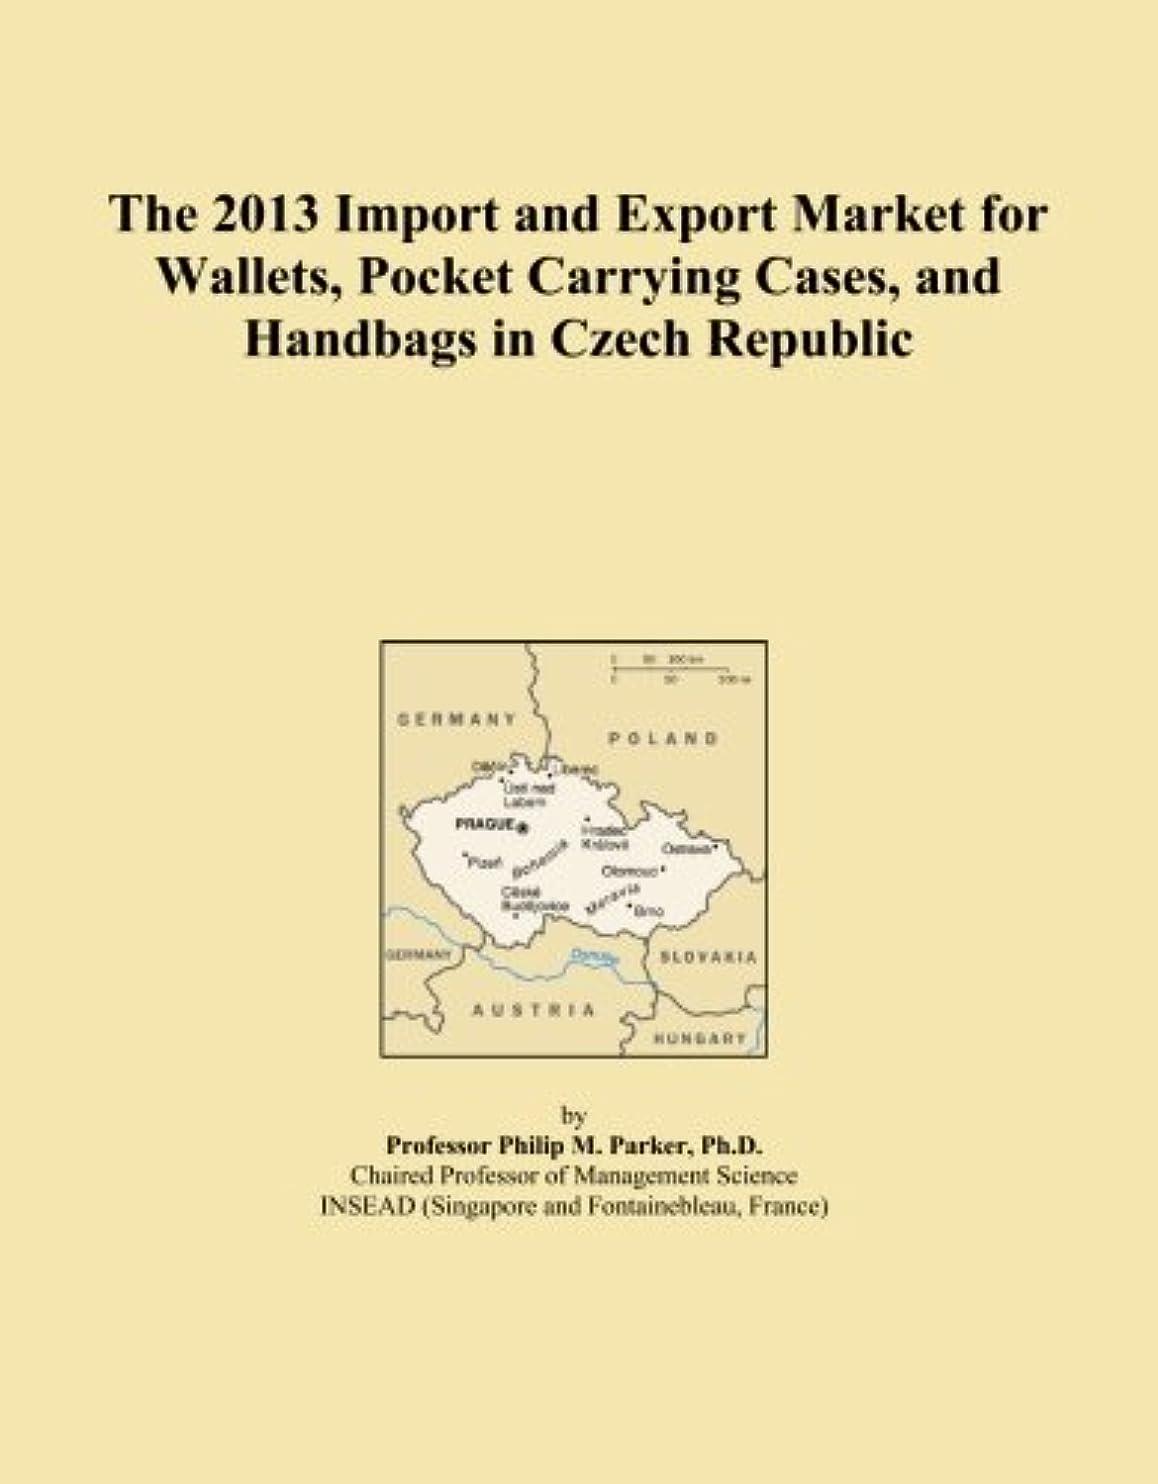 大使館ペルセウス逃げるThe 2013 Import and Export Market for Wallets, Pocket Carrying Cases, and Handbags in Czech Republic